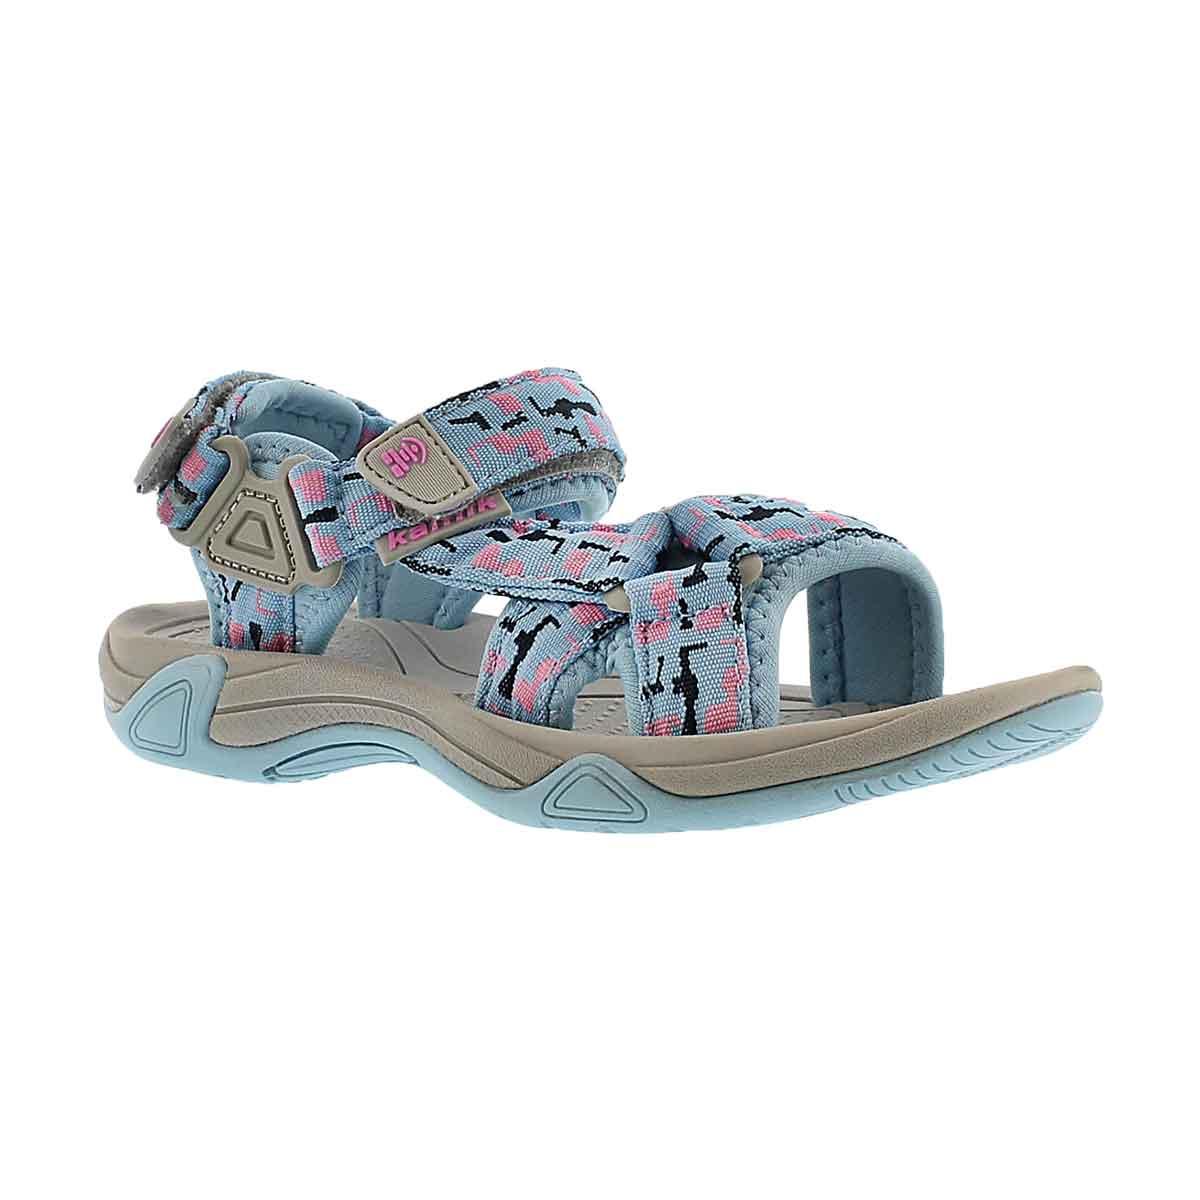 Sandale Lowtide, bleu pâle, filles